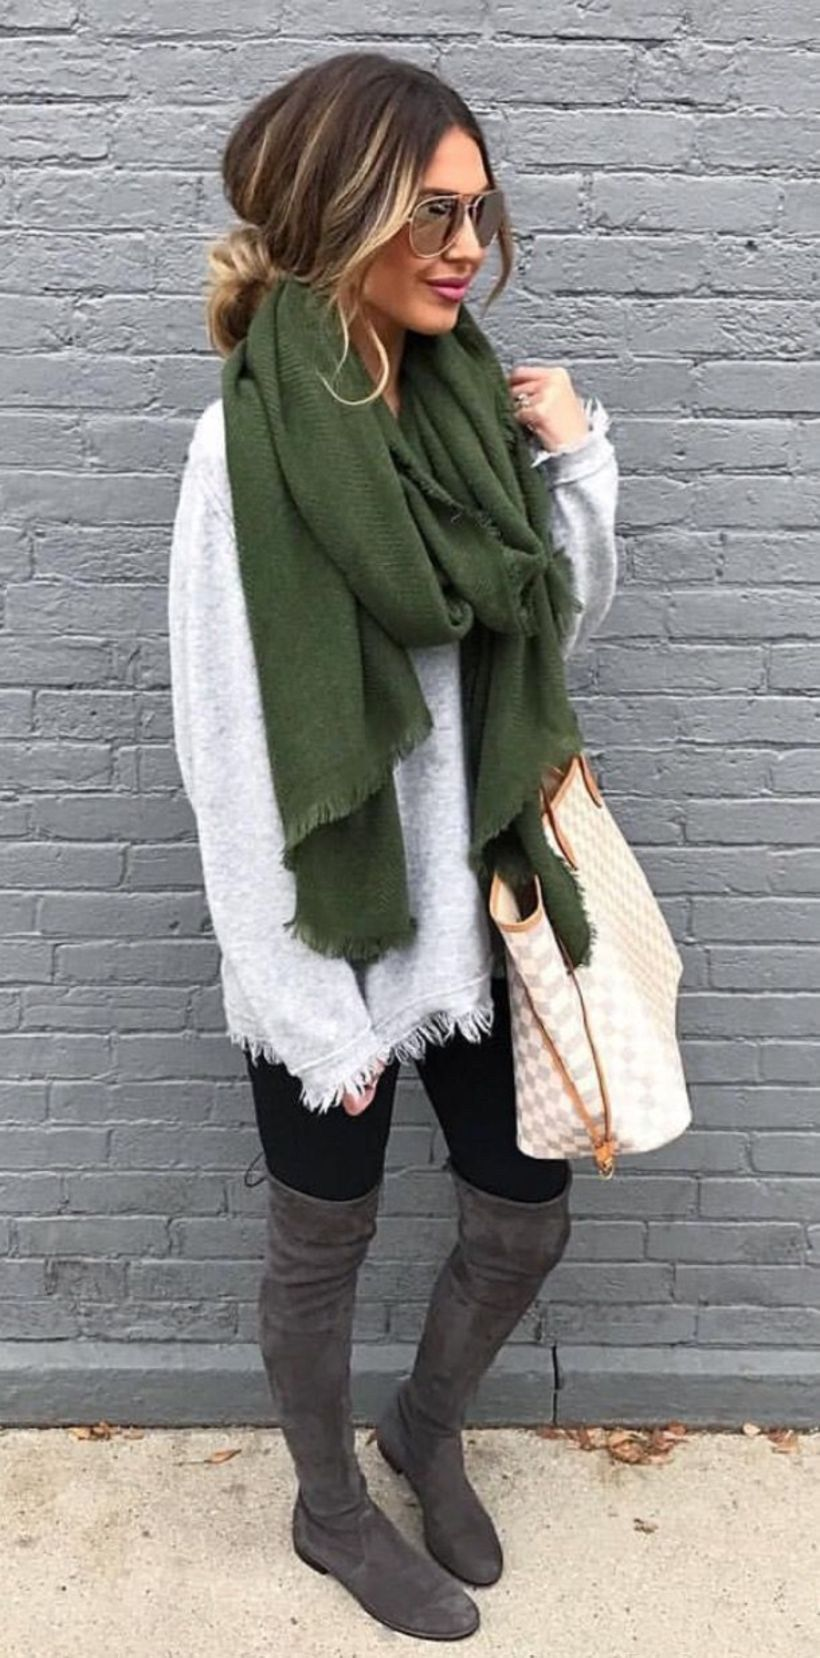 670c8c4a4ed Mode femme hiver   30 meilleures idées de tenue hiver femme